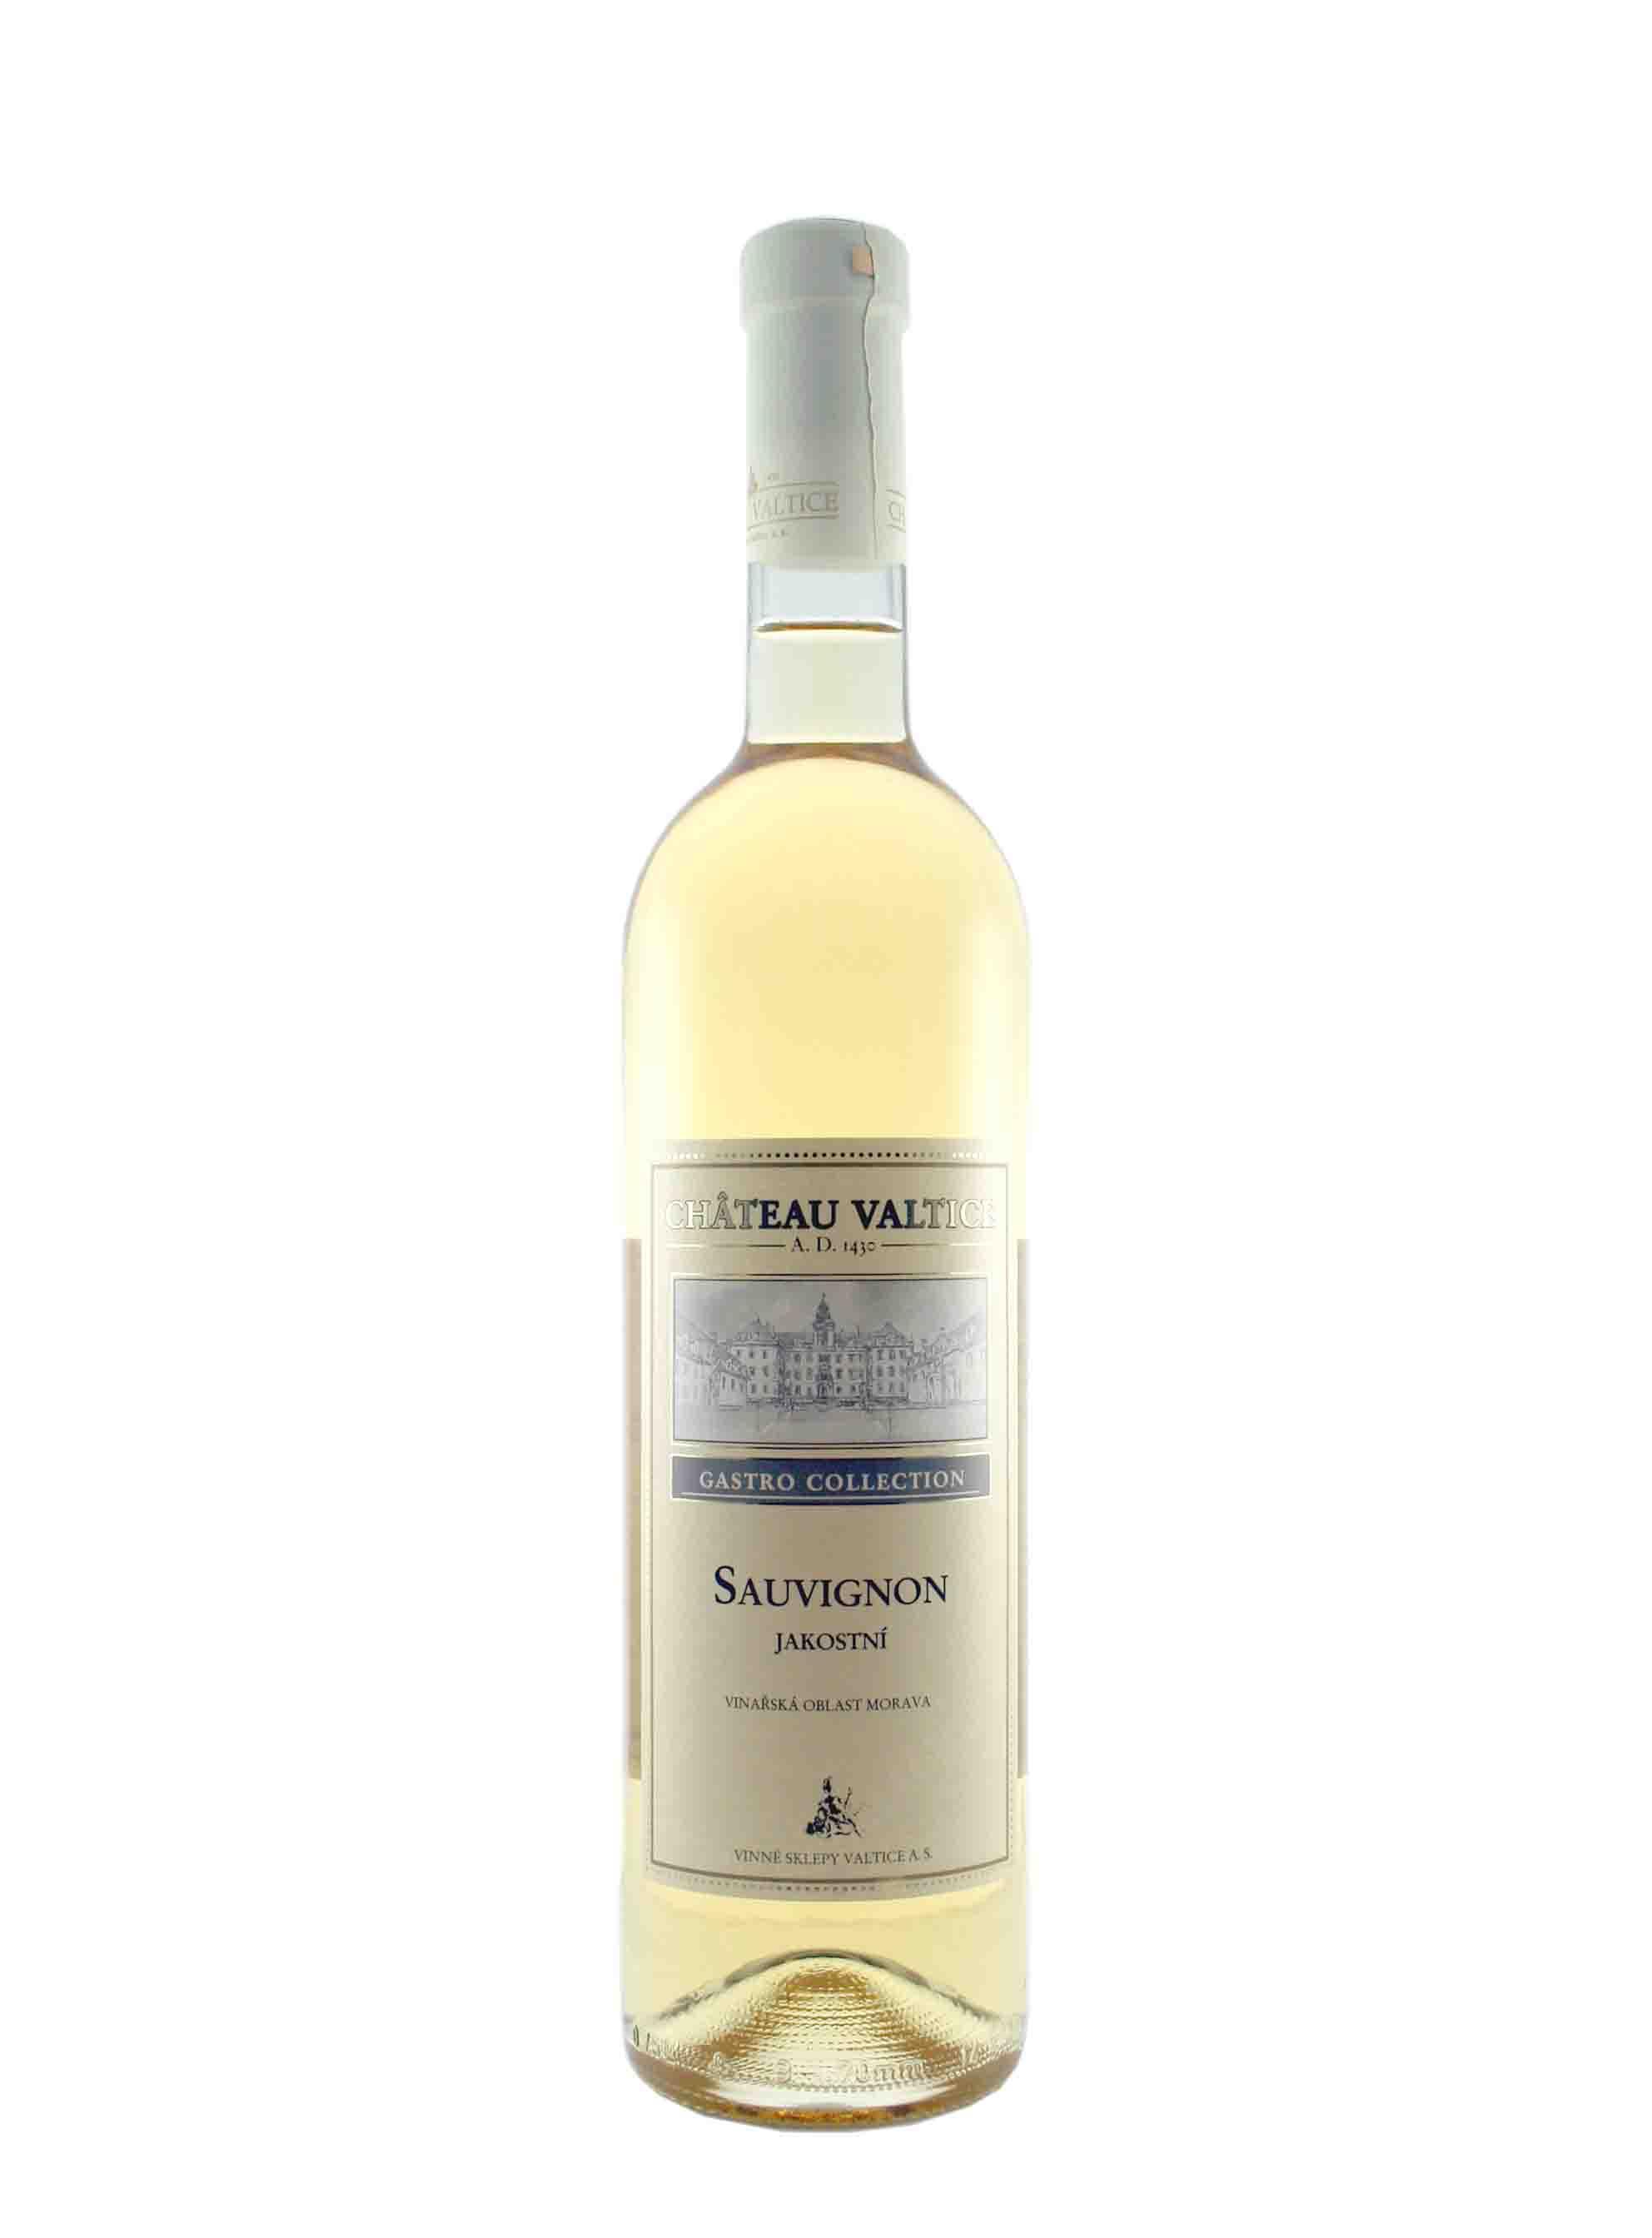 Sauvignon, Gastro Collection, Jakostní odrůdové, Château Valtice, 0.75 l